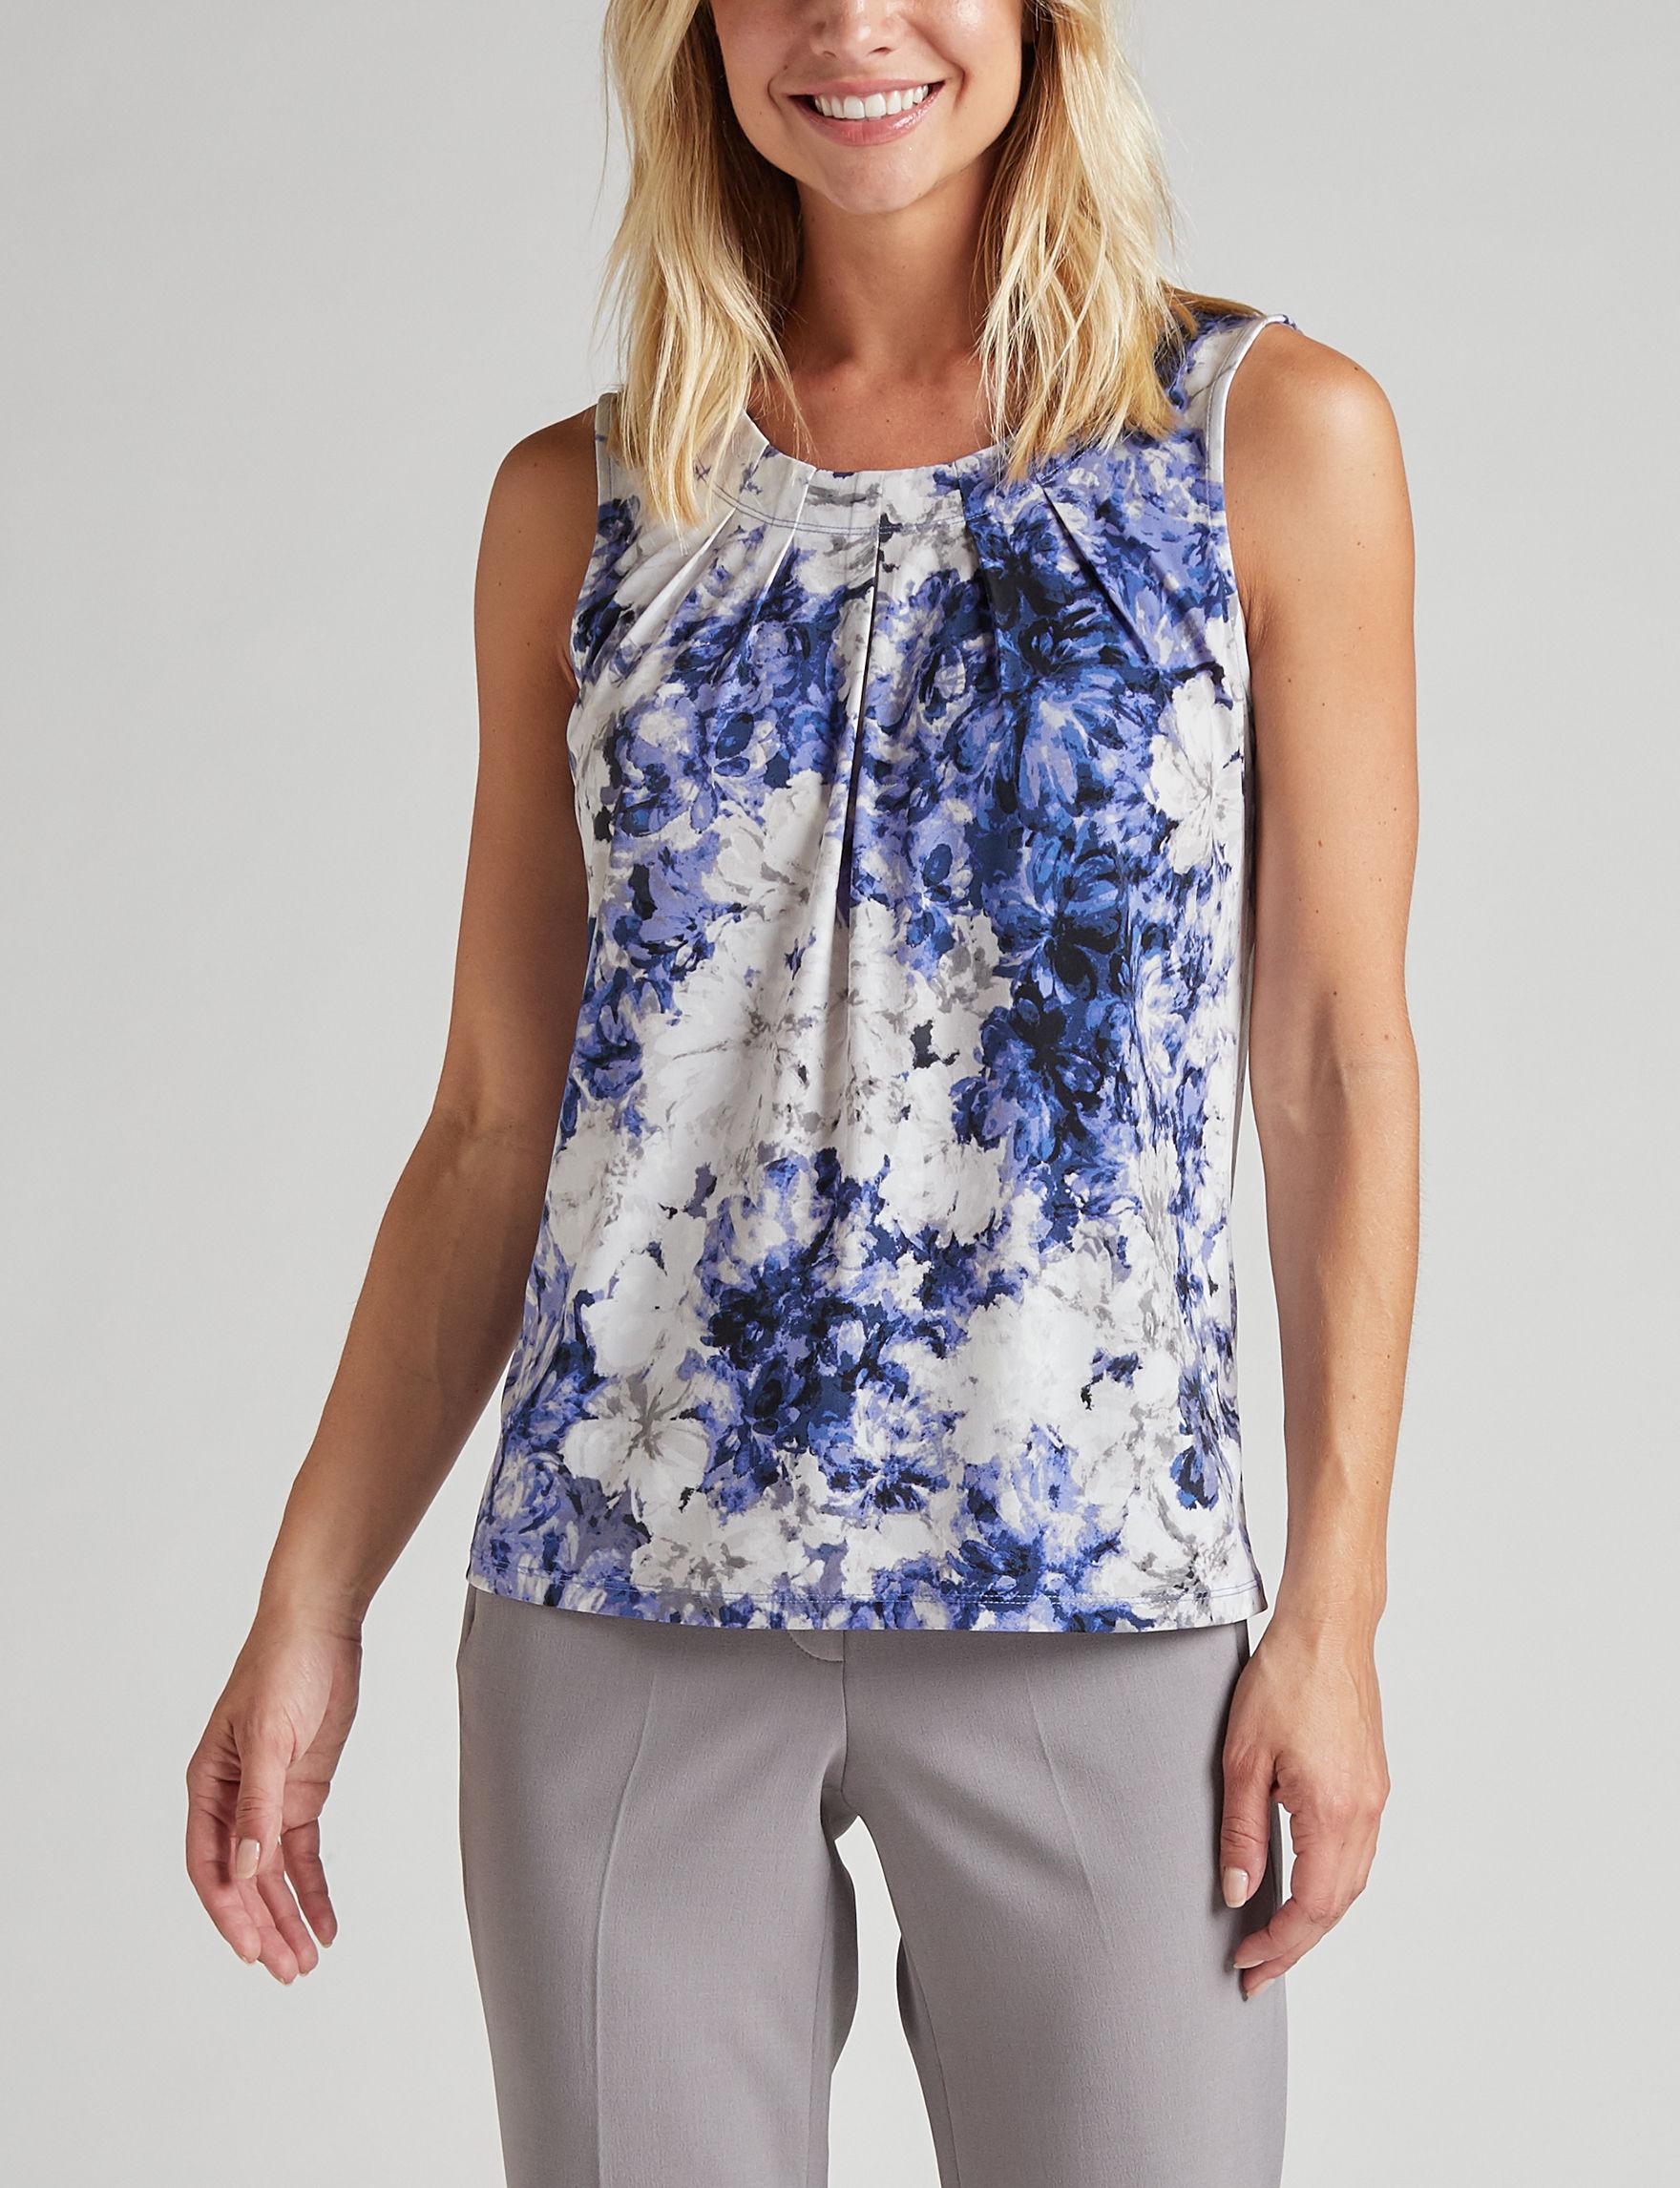 Kasper Blue Multi Shirts & Blouses